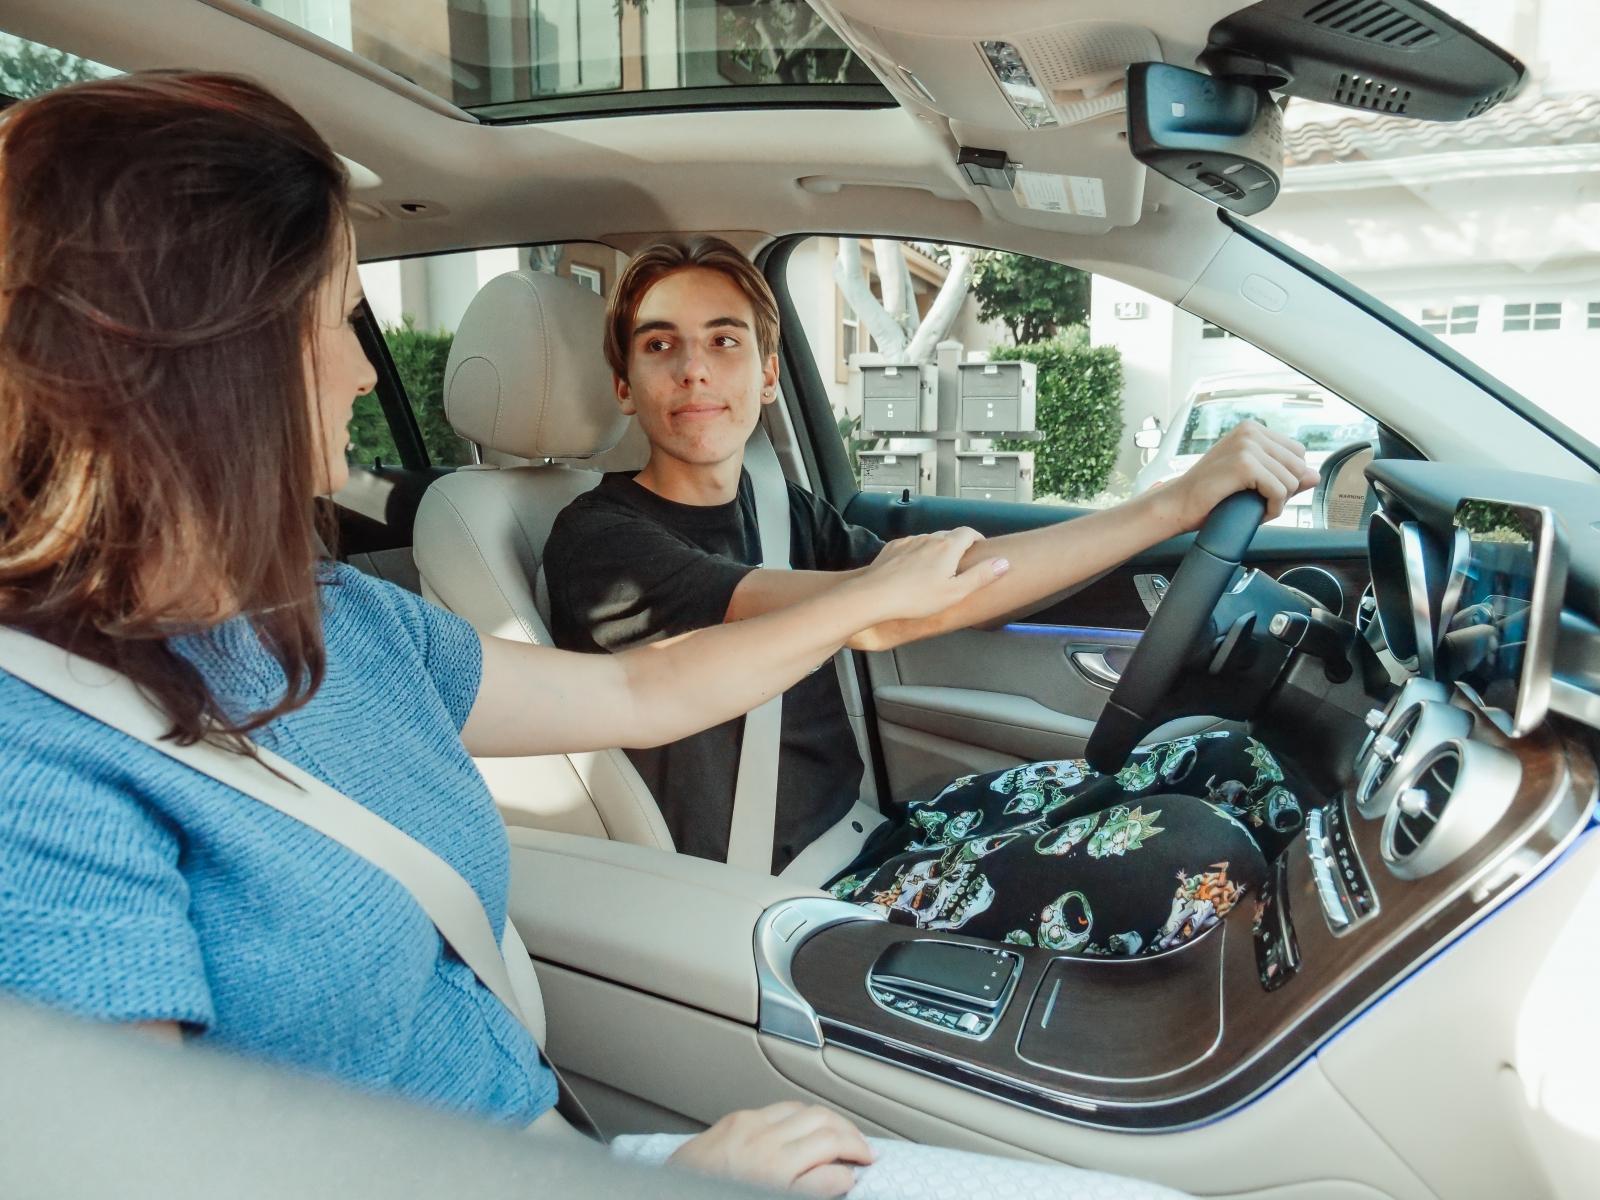 【汽車專知】新制汽車駕照考試流程有哪些?與之前有哪些不同?